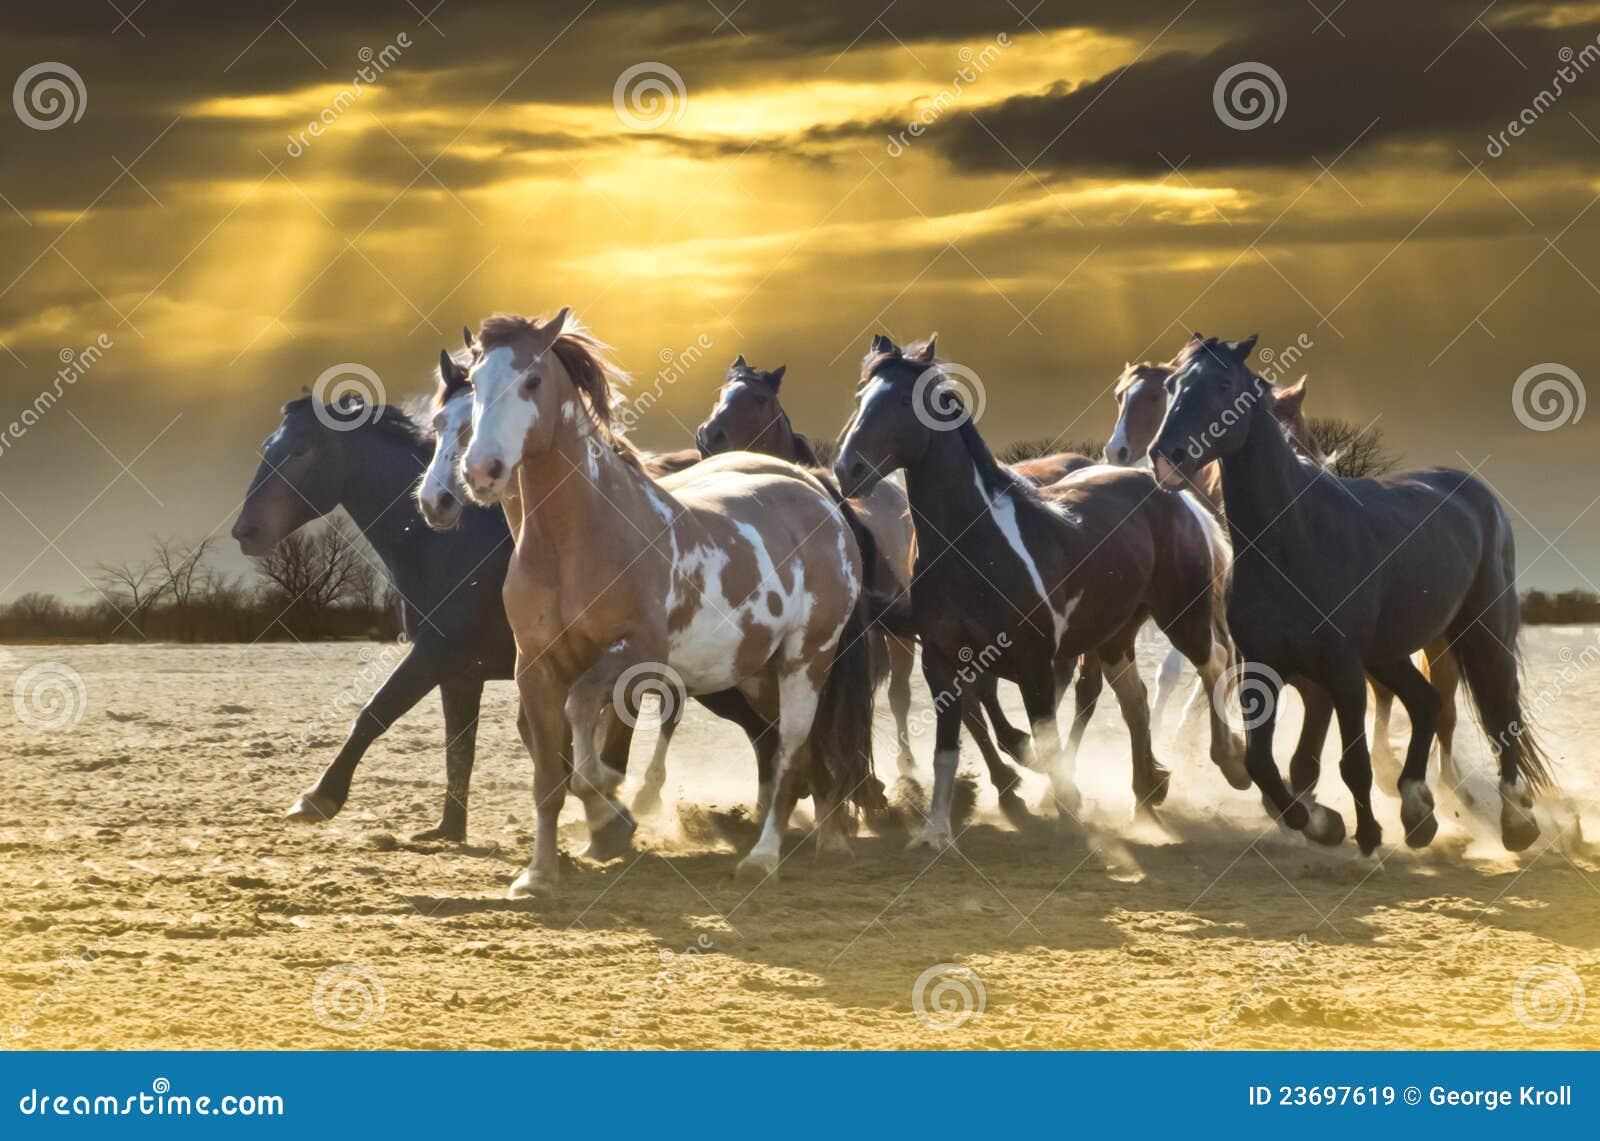 Fuga precipitosa del cavallo contro il bello cielo